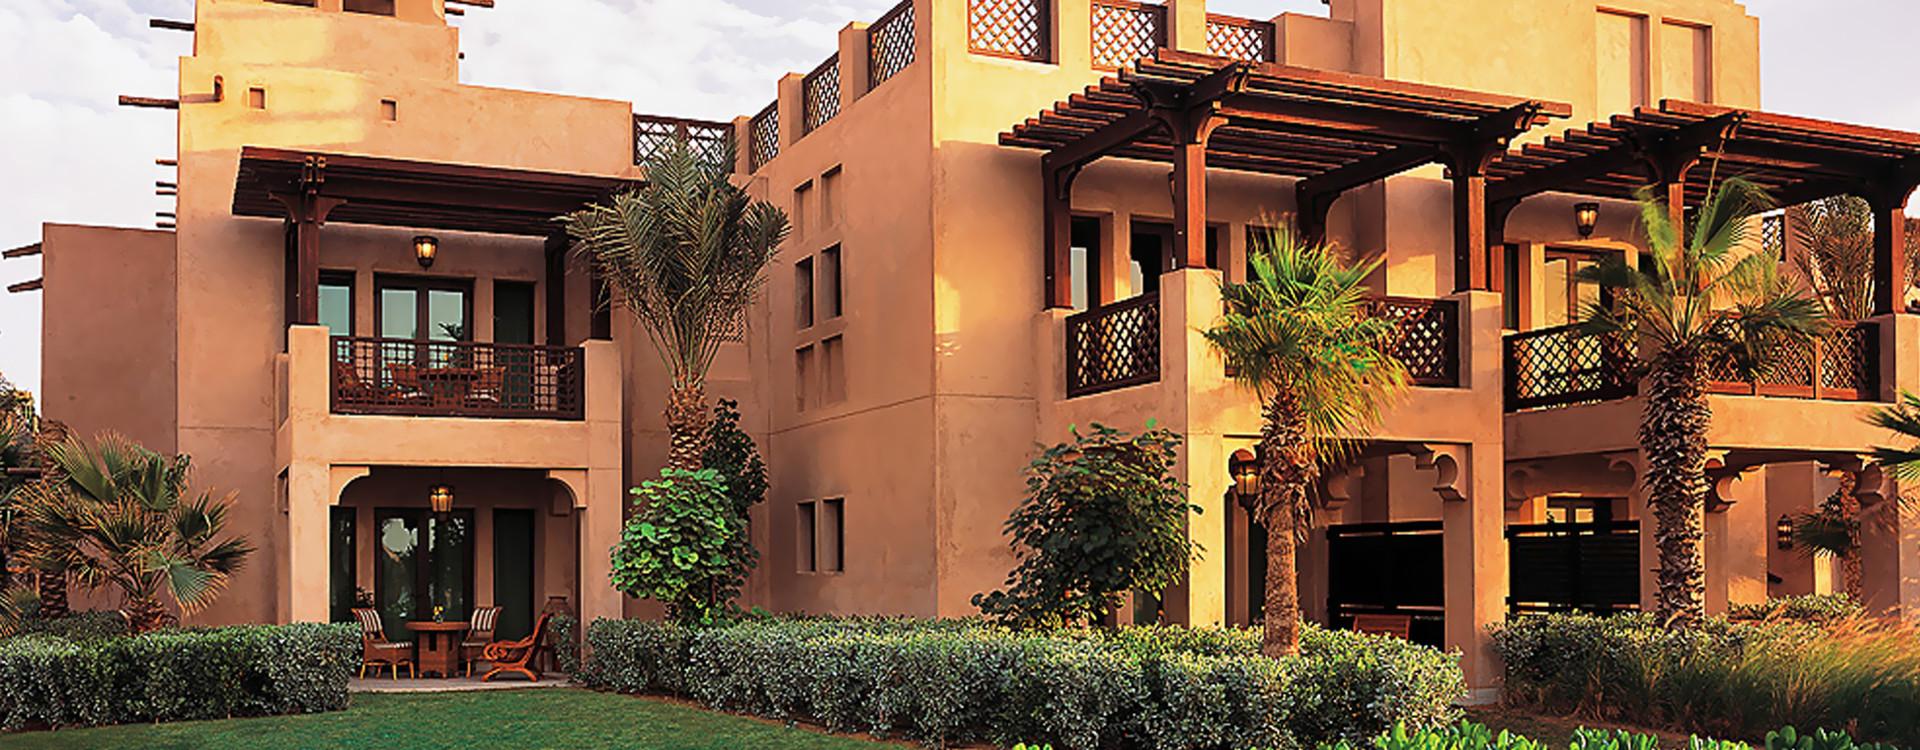 Коттедж отеля Dar Al Masyaf оформлен в арабском стиле